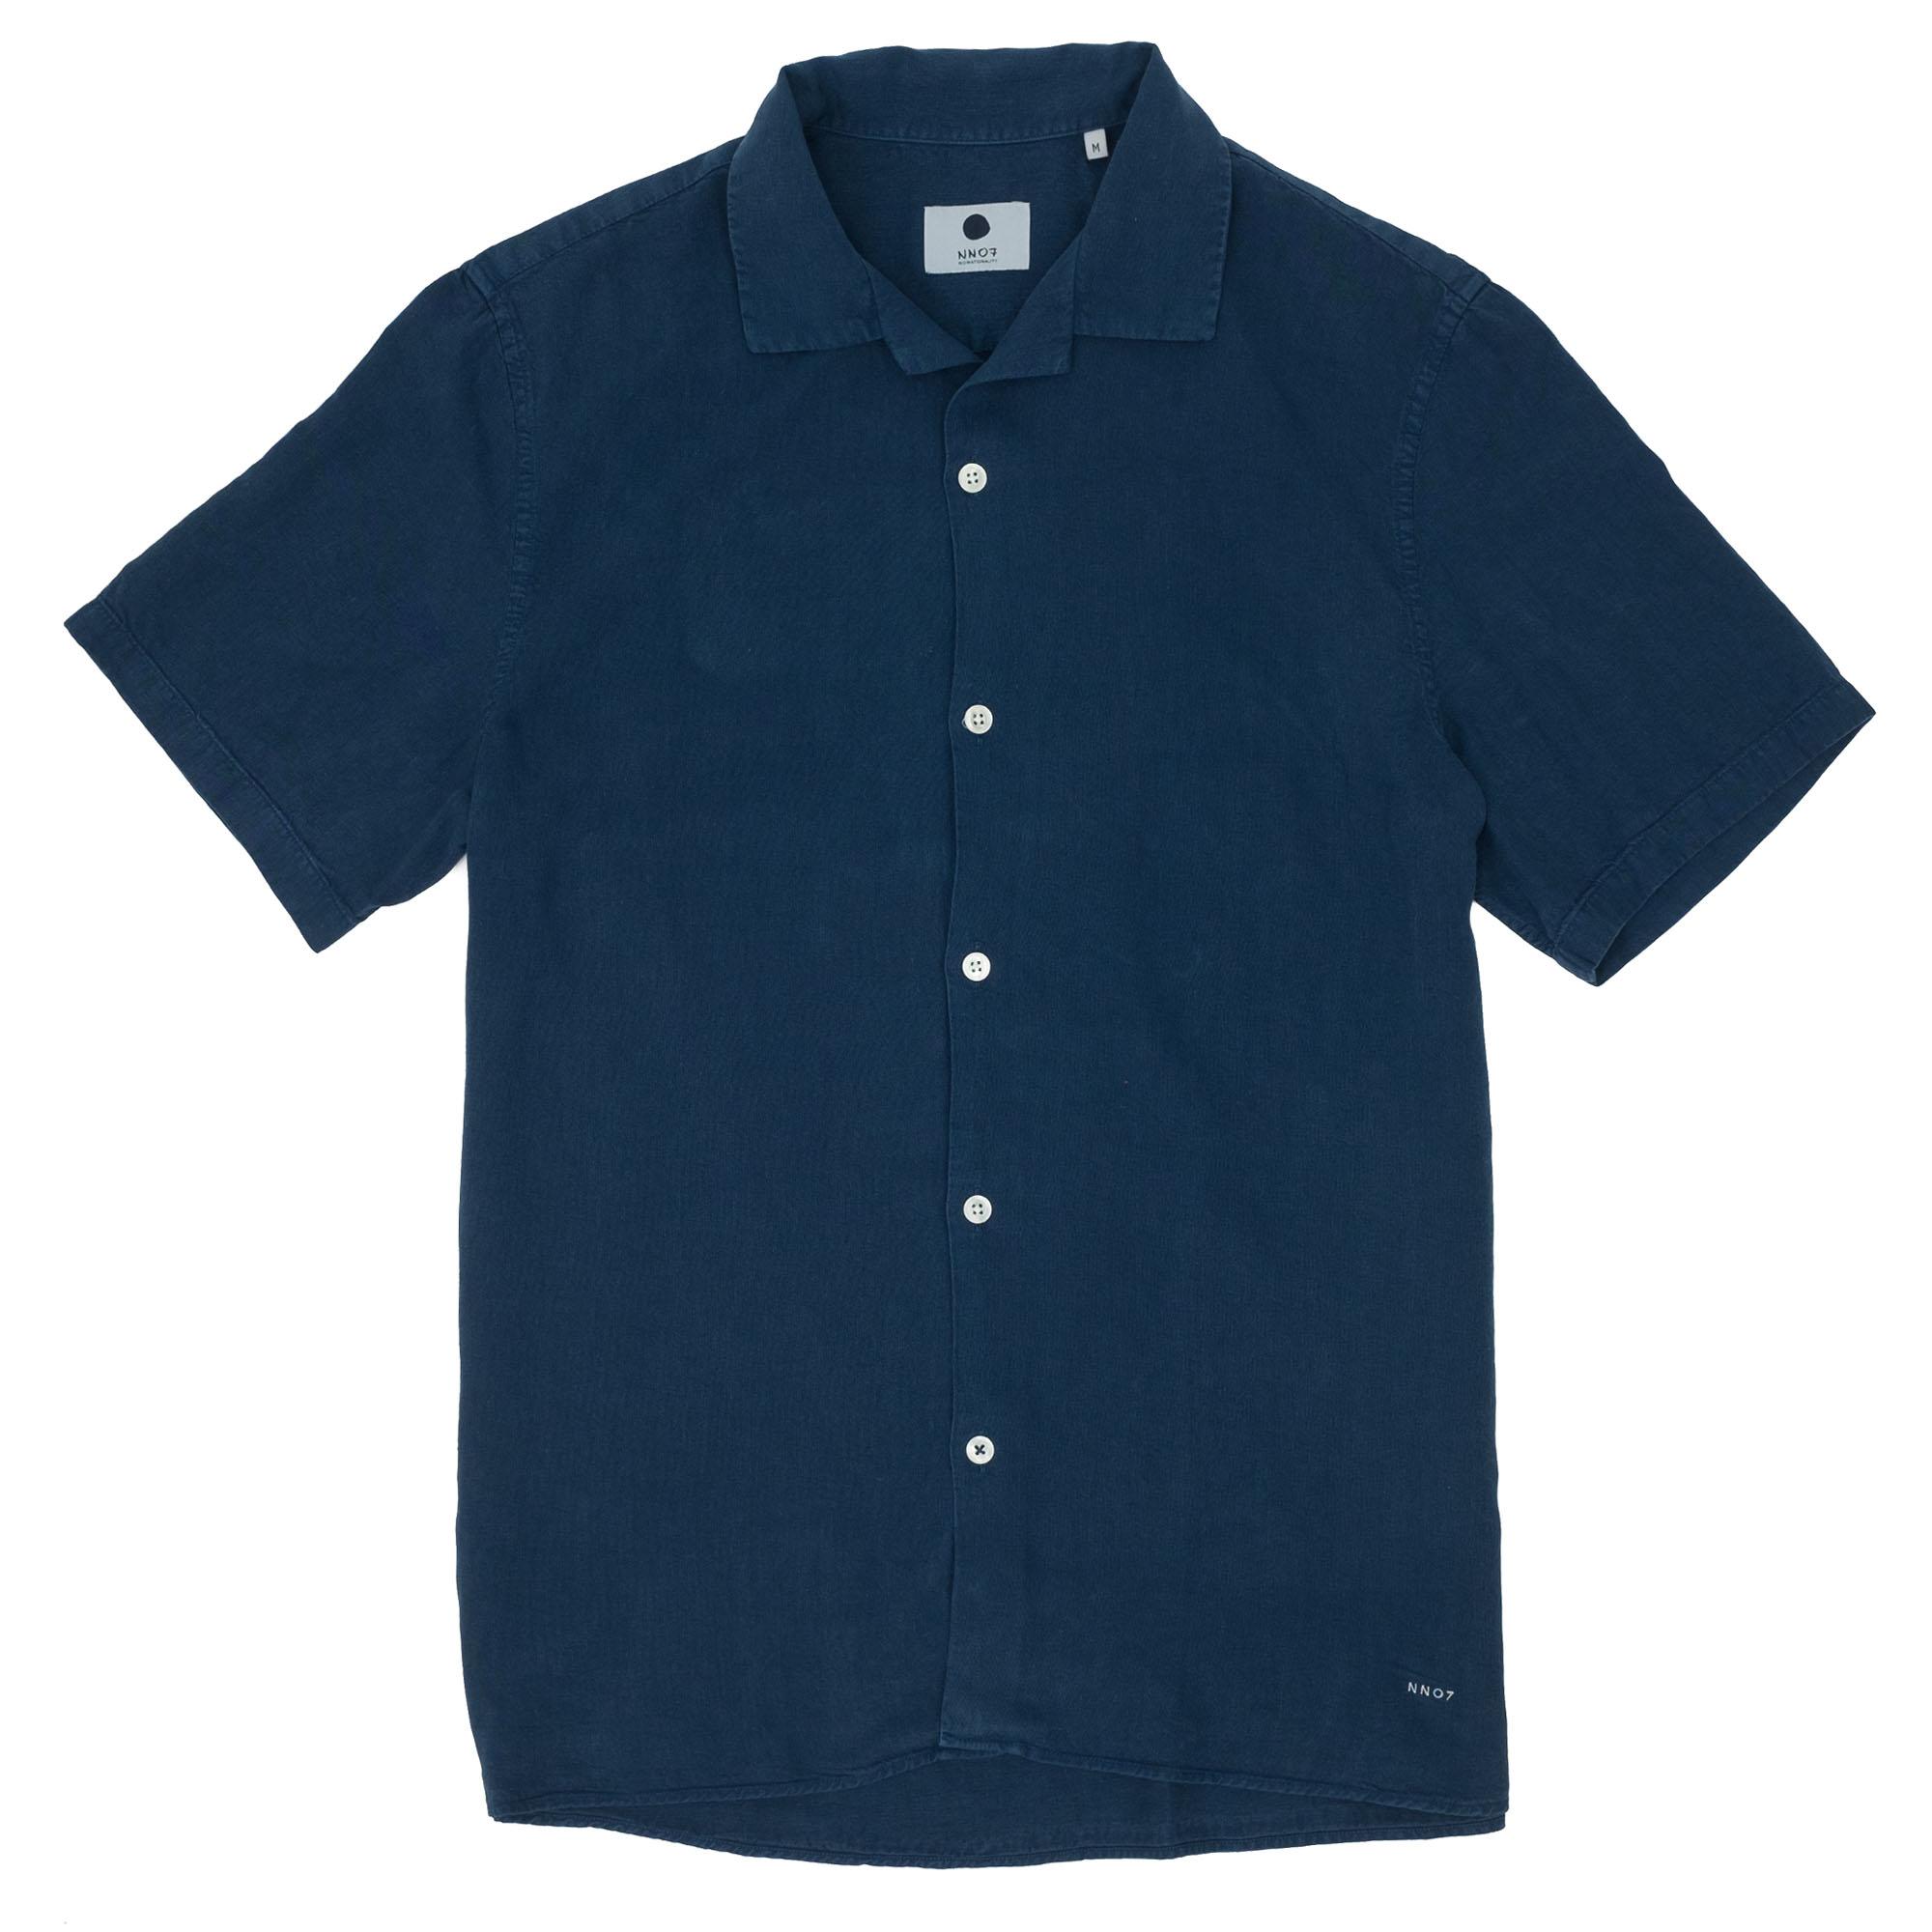 Miyagi 5029 True Blue 1